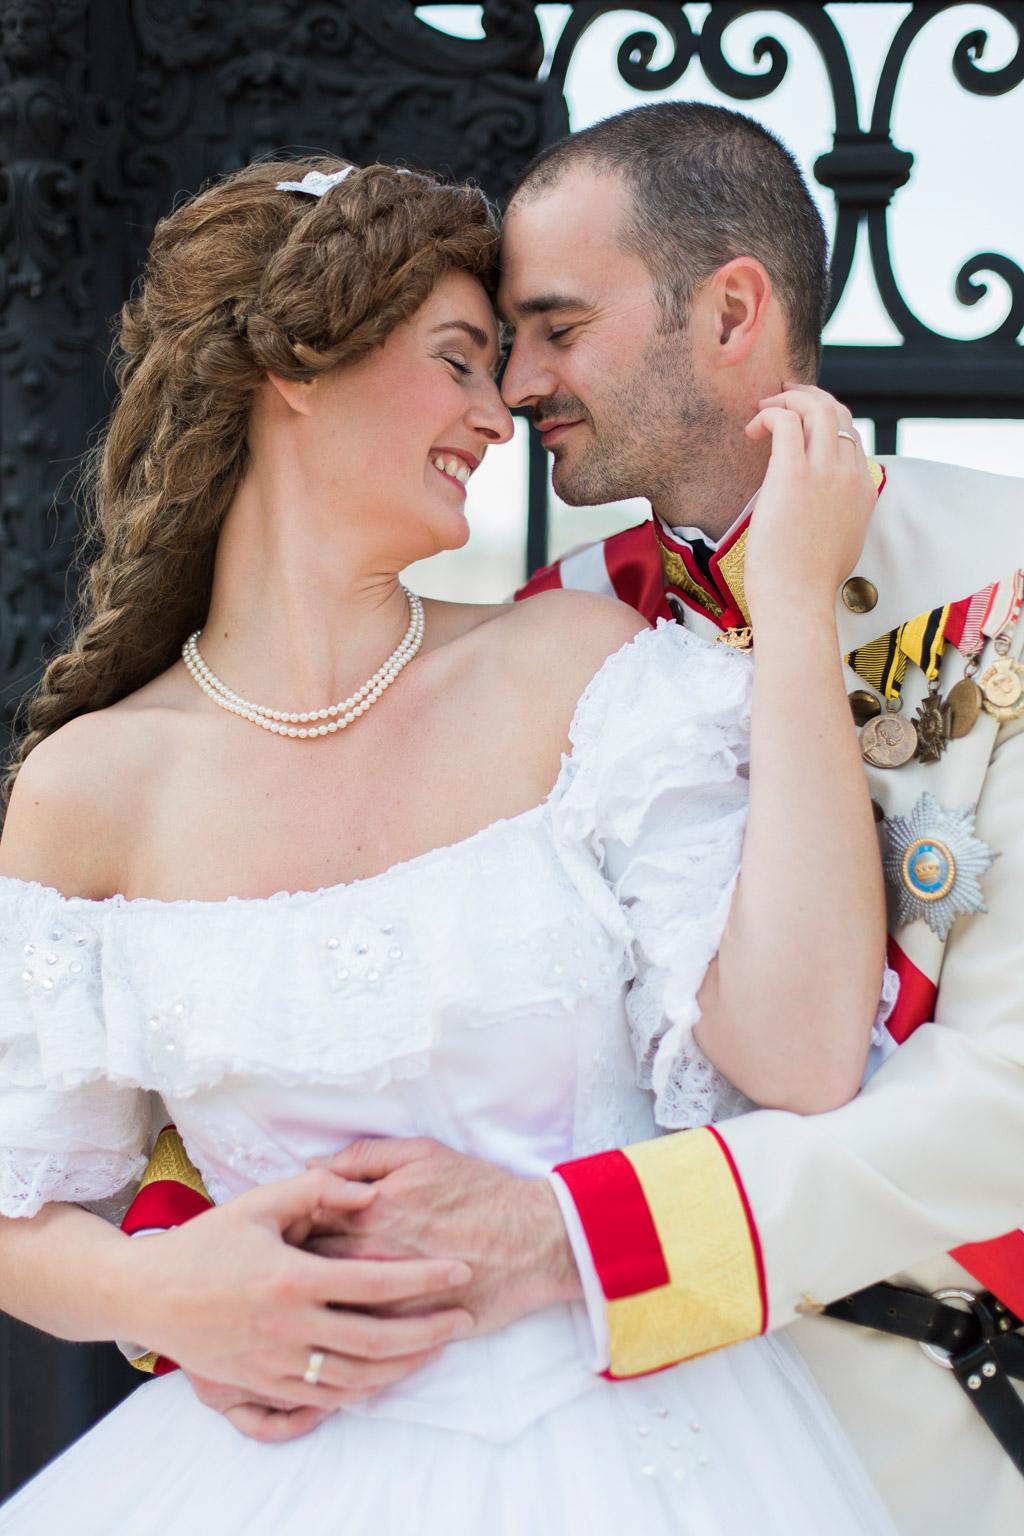 surprise-birthday-wedding-anniversary-themed-shooting-hotel-imperial-schloss-belvedere-vienna-austria-melanie-nedelko-photography-sissi-franz (26).JPG